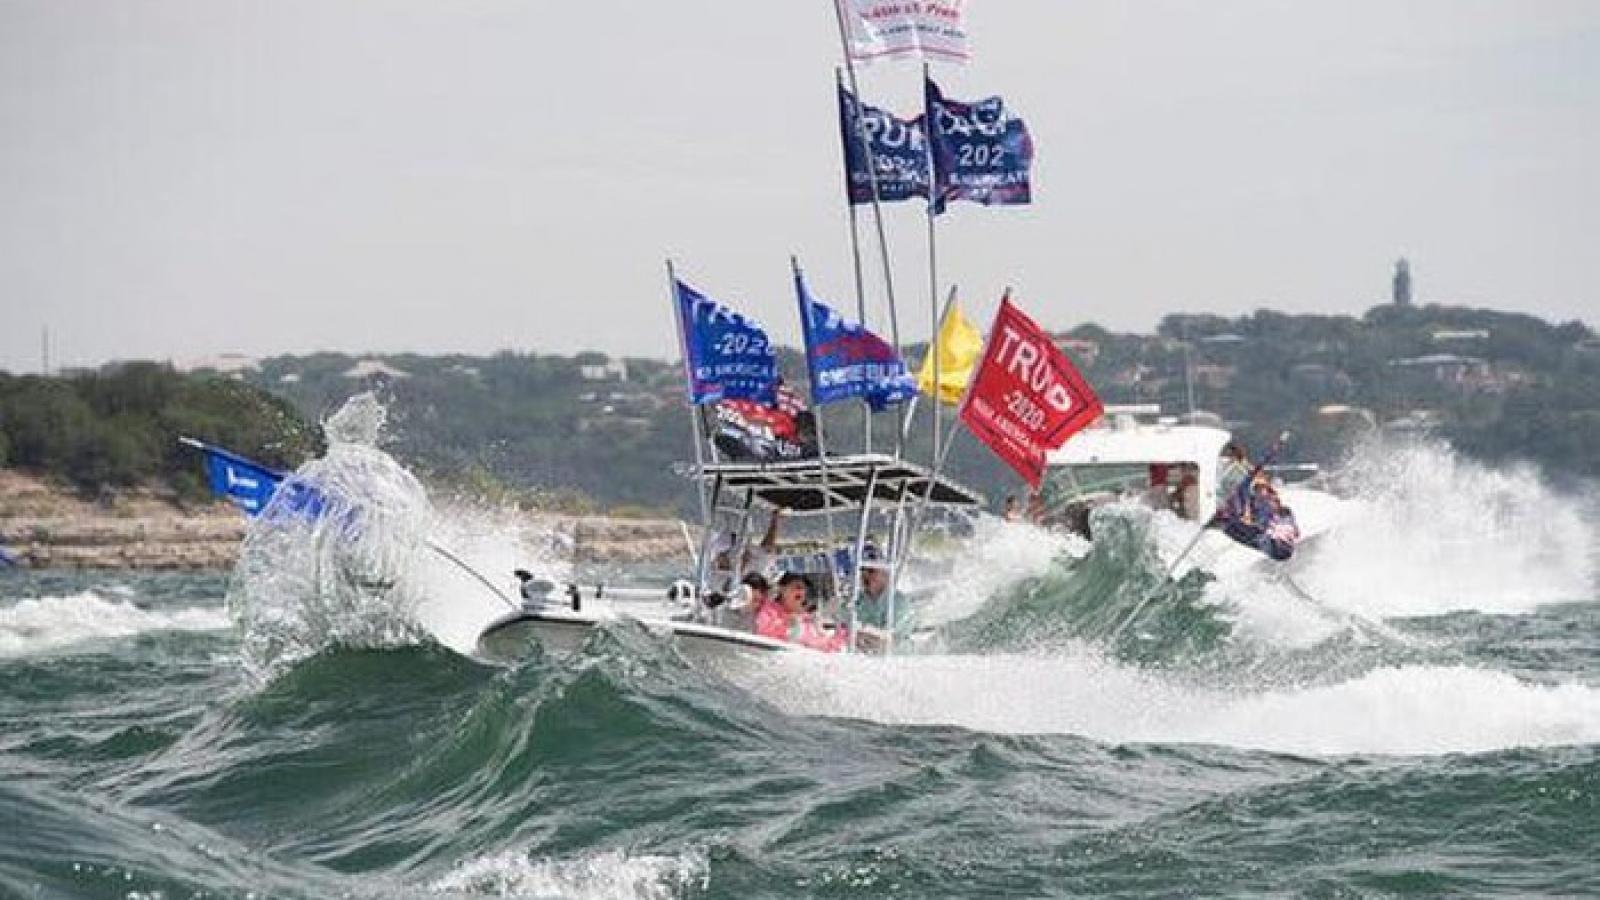 Chìm 4 thuyền diễu hành ủng hộ Tổng thống Trump ngoài khơi Texas (Mỹ)